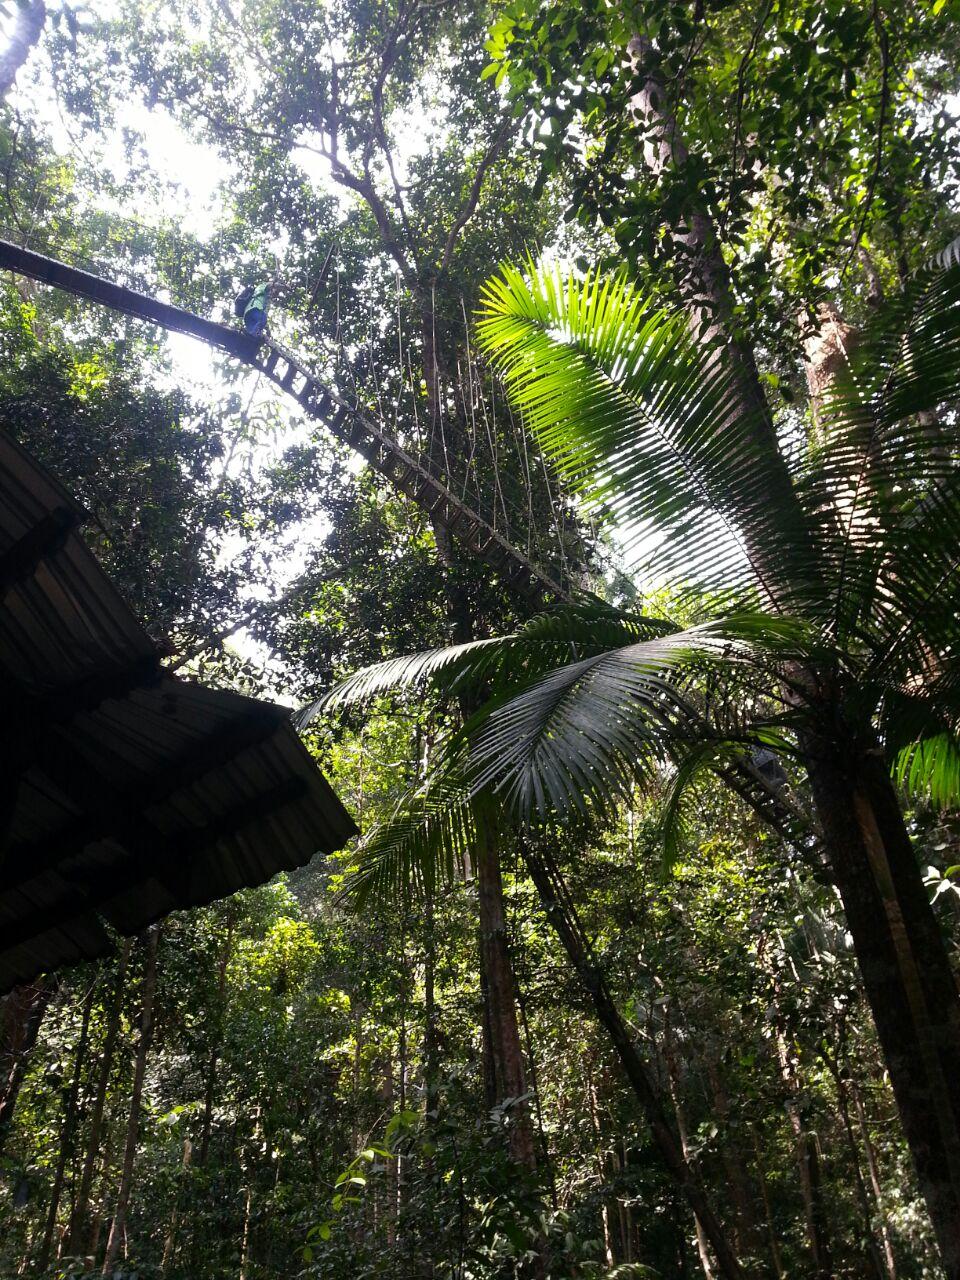 taman-negara-canopy-walk1